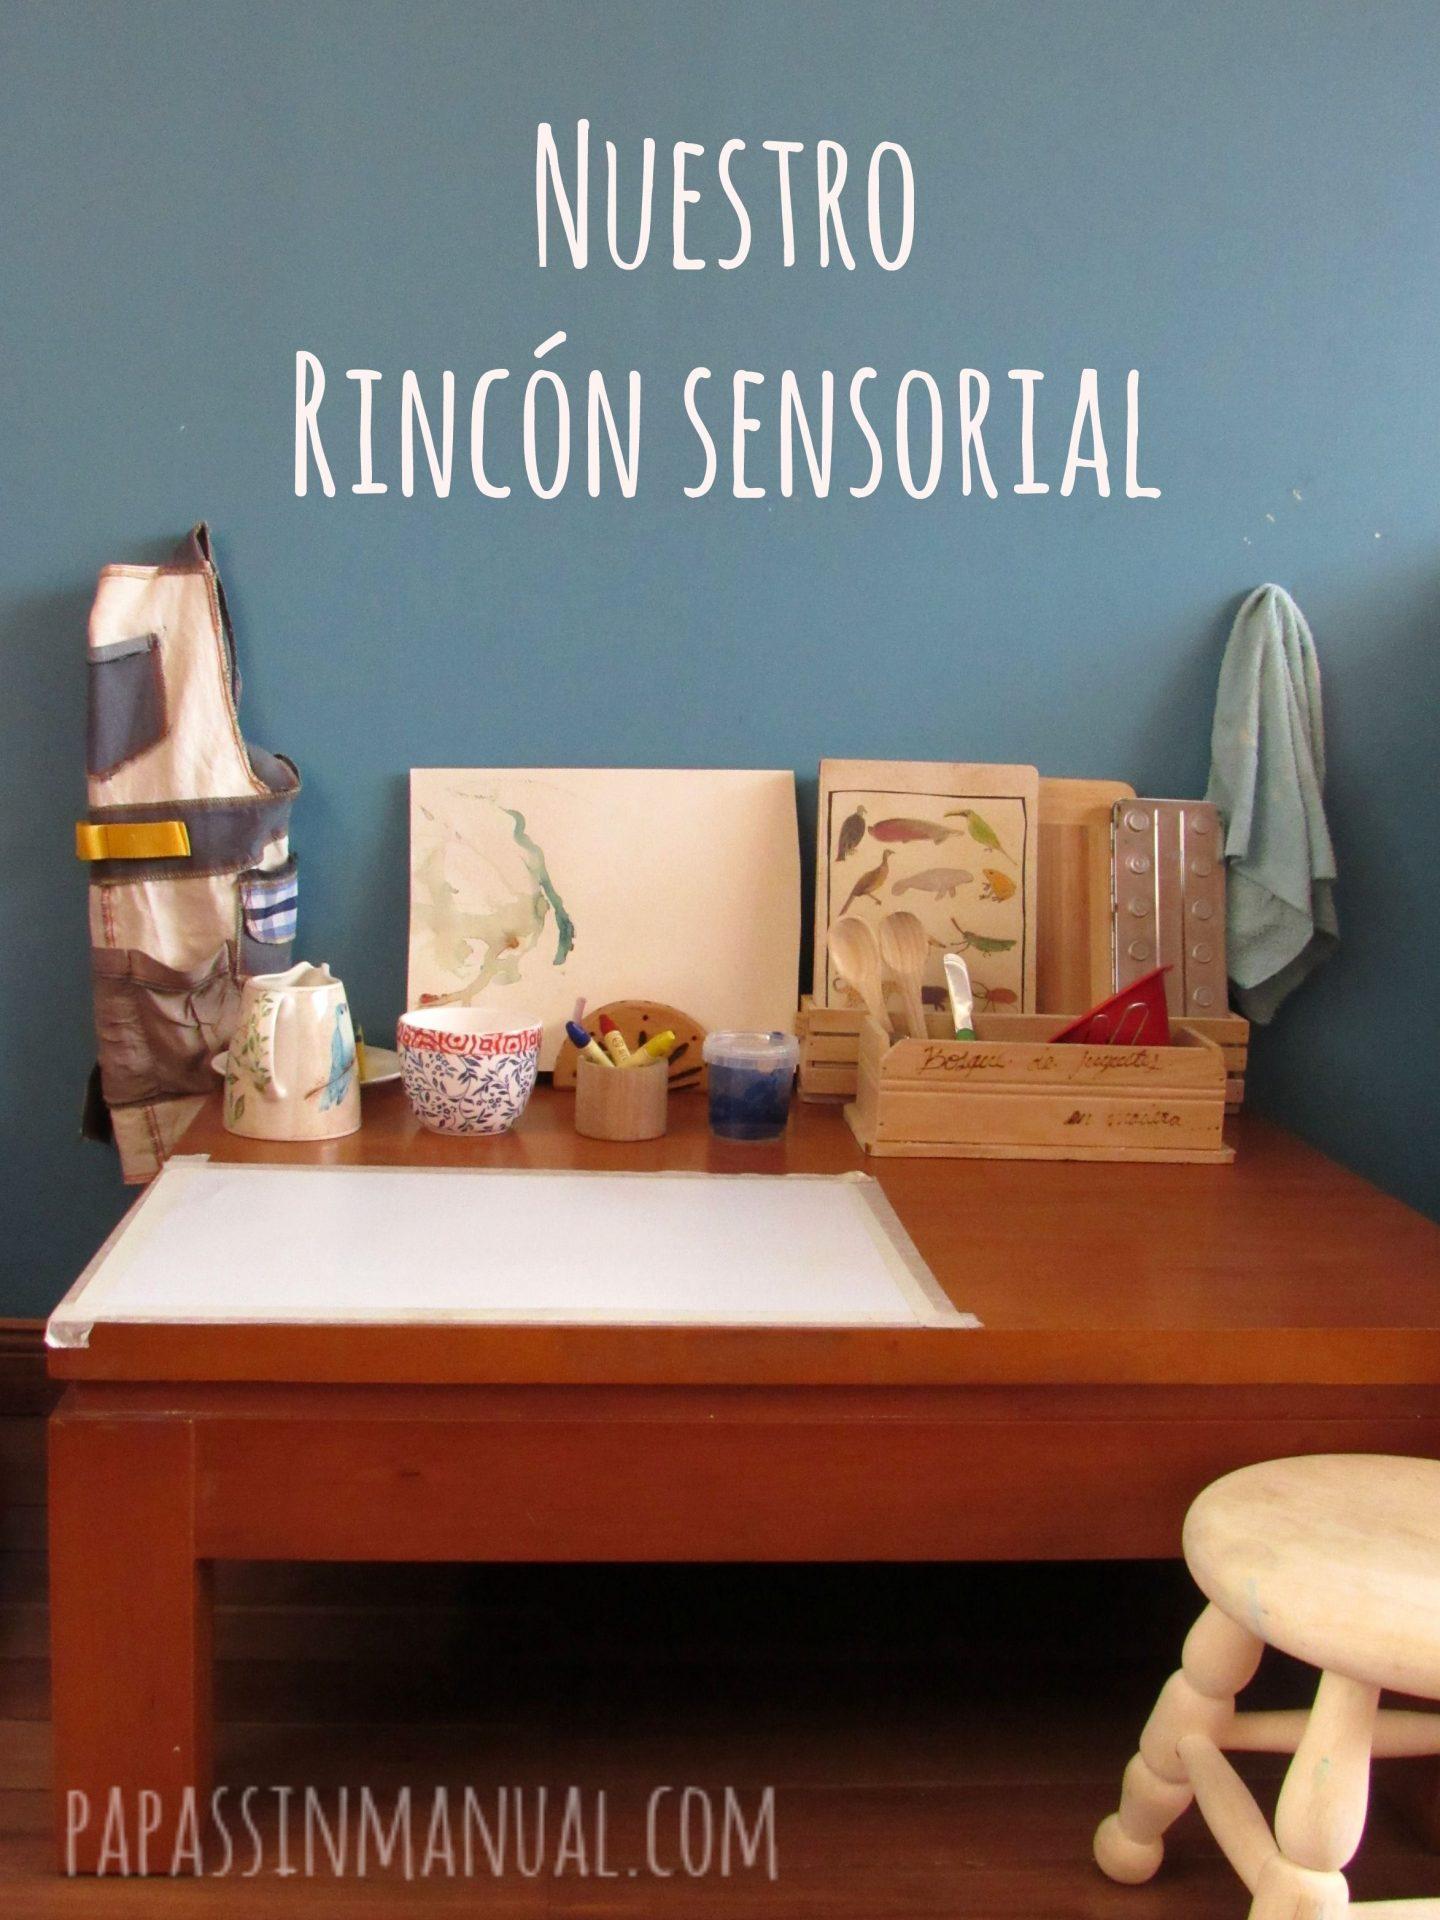 Nuestro rincón sensorial